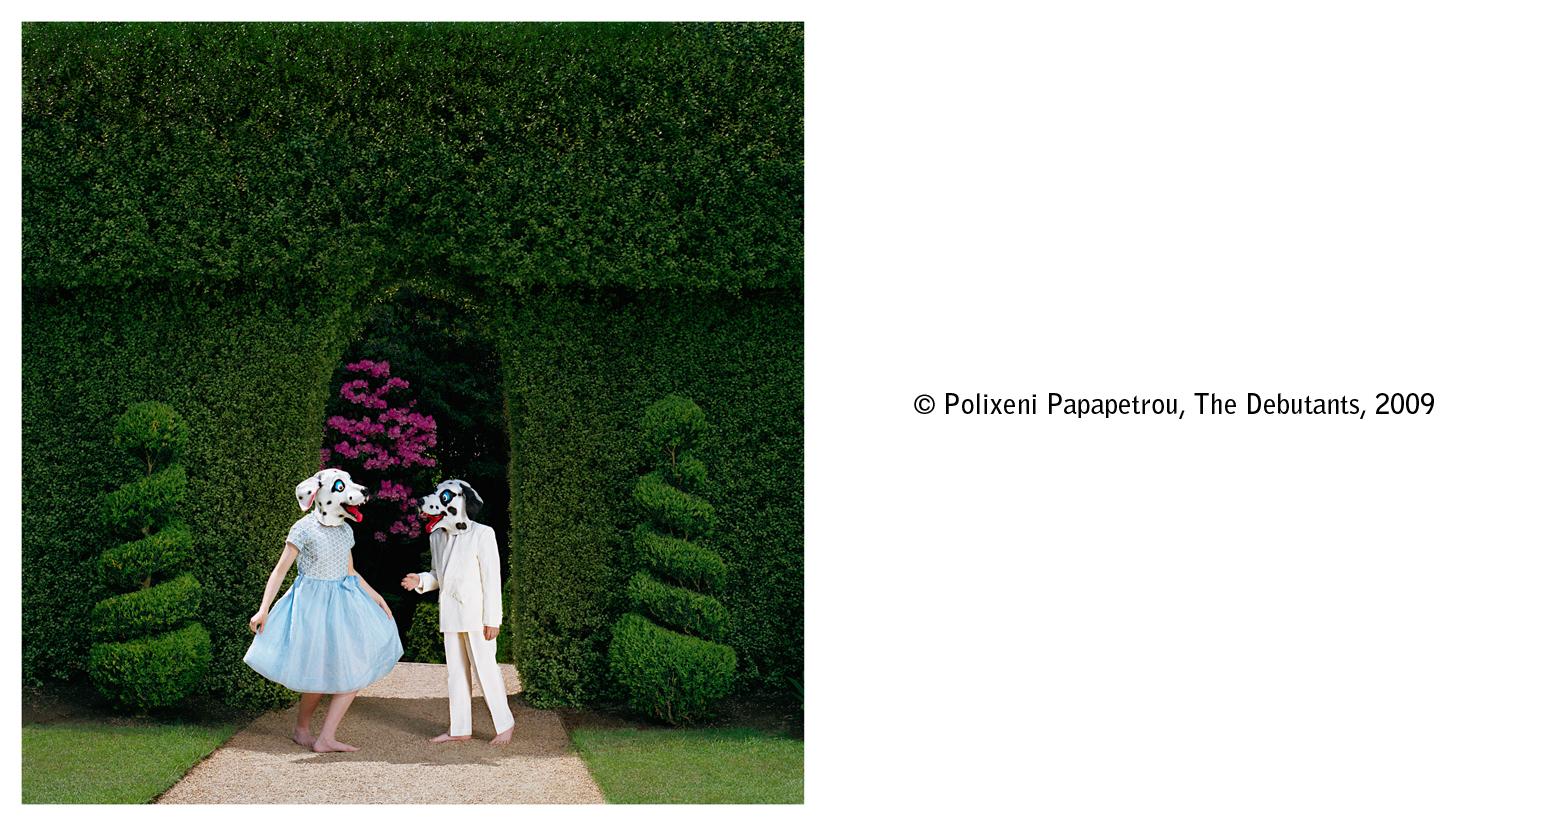 Polixeni-Papapetrou-06.jpg